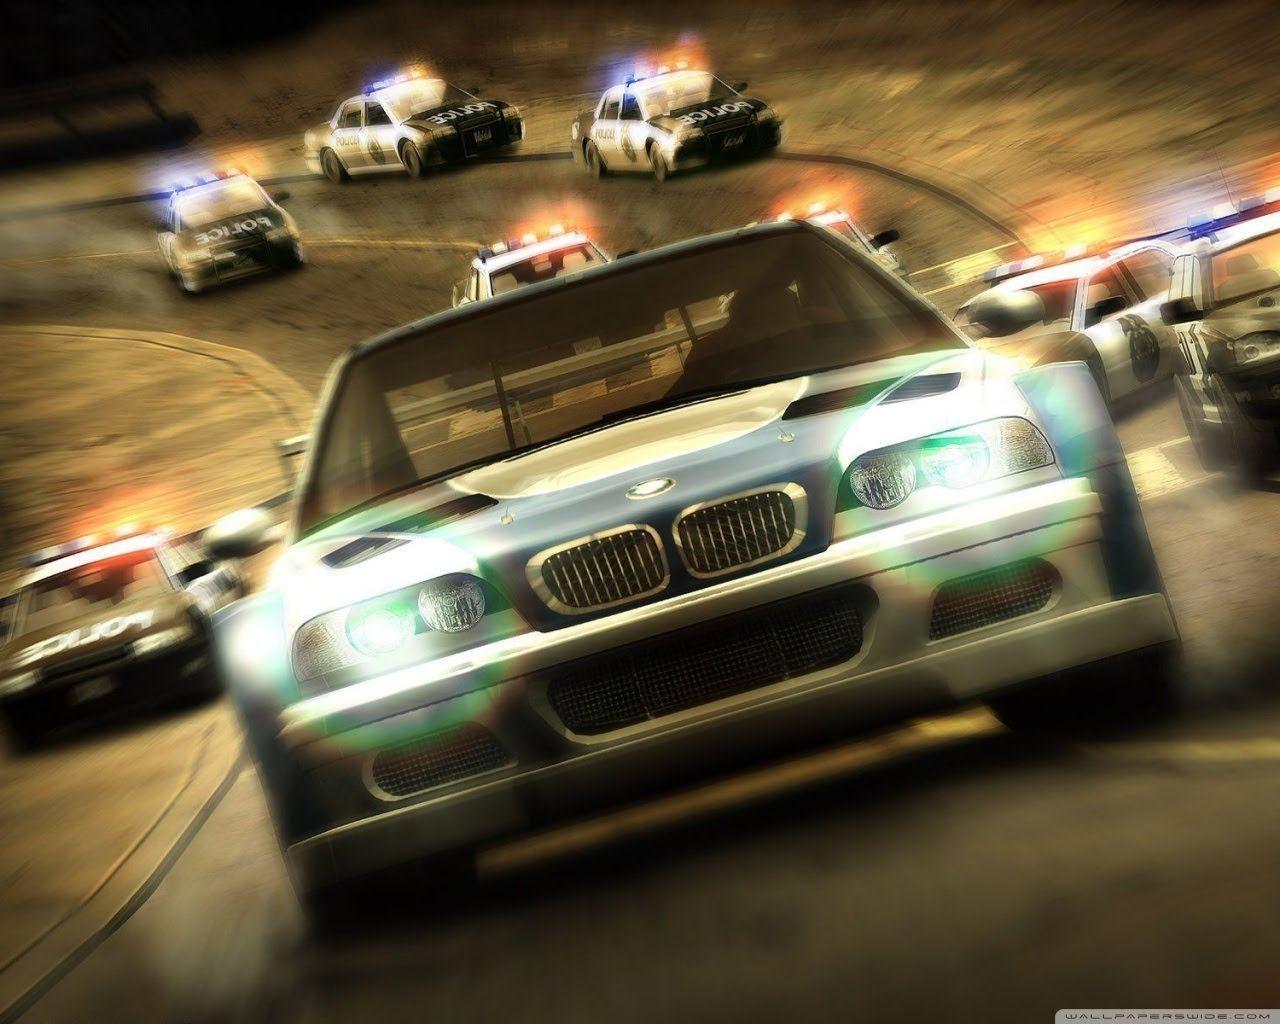 ¿En qué año se creó la primera entrega de Need For Speed?